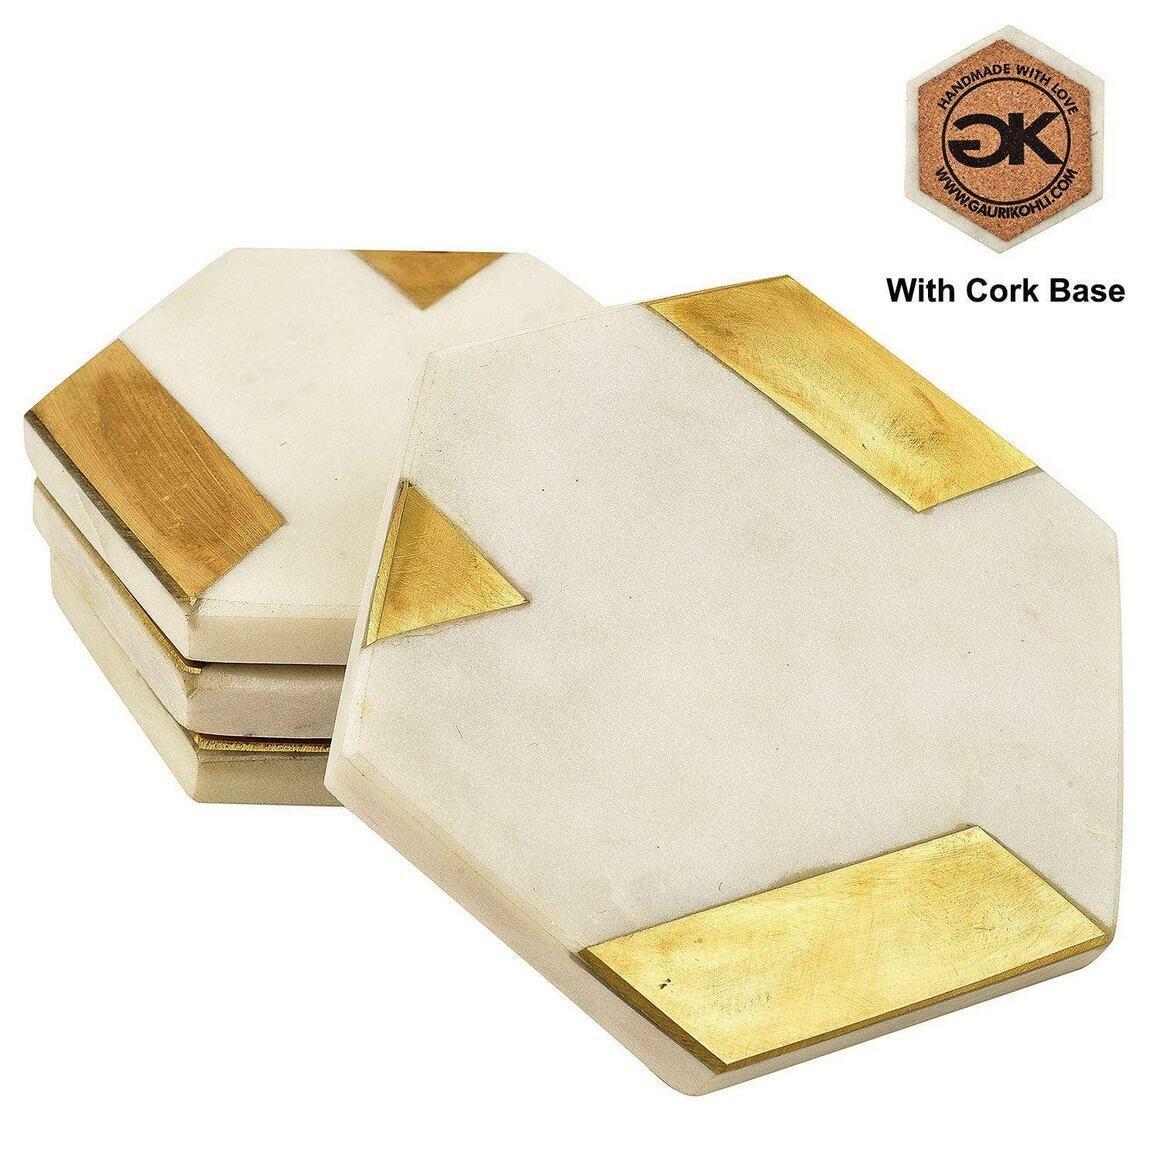 Zest White Marble Coasters (Set of 4)   Trada Marketplace